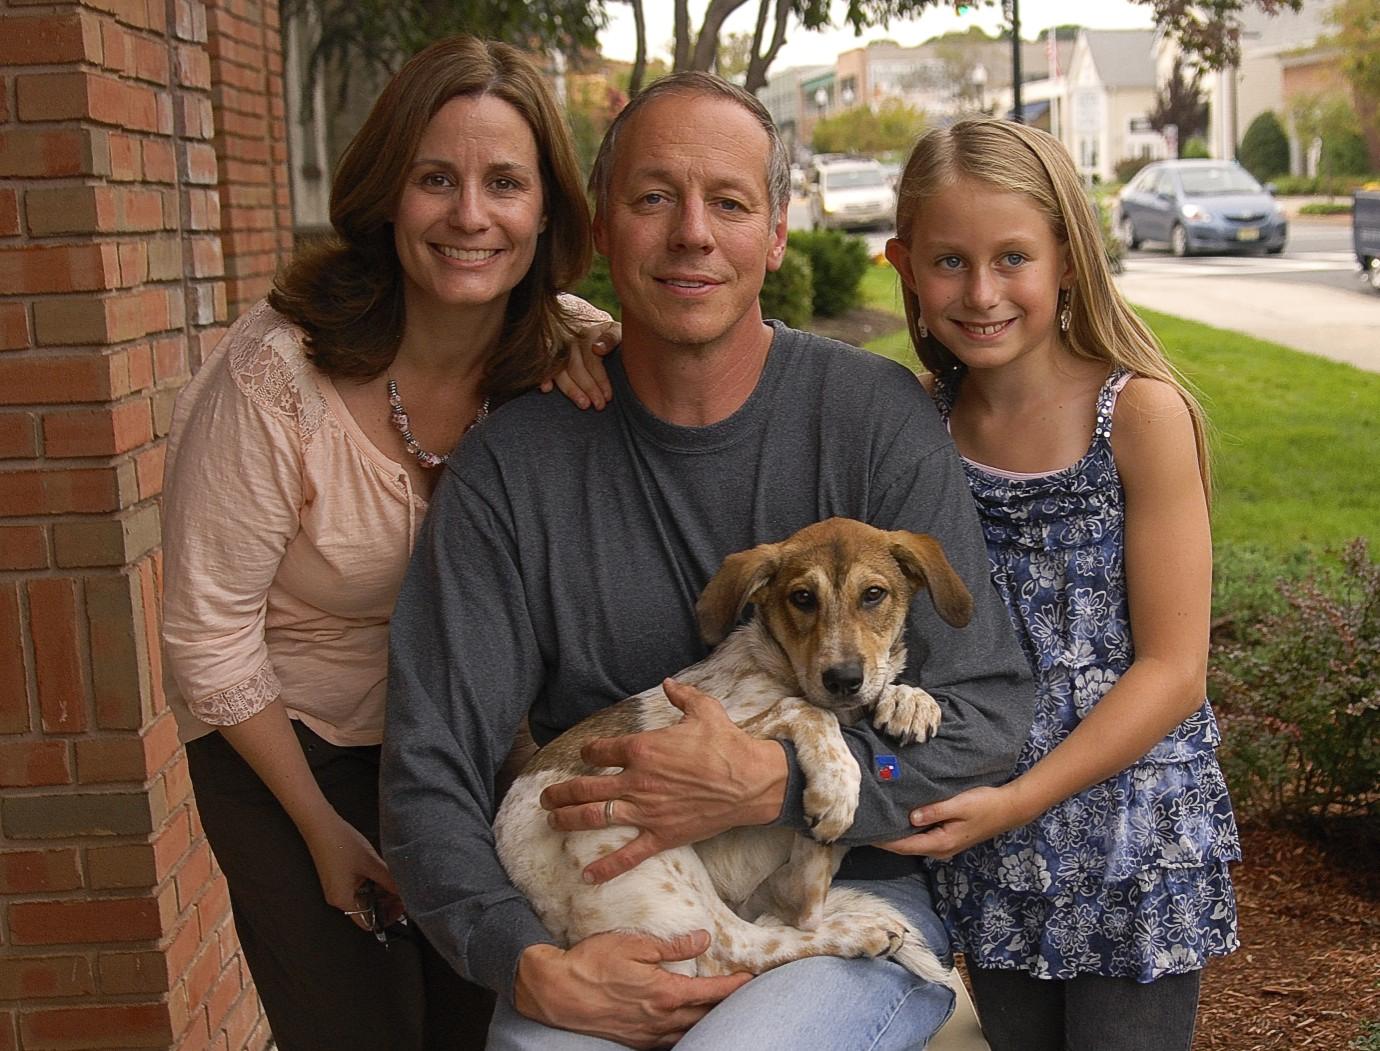 Adopt_A_Pet_9-25-11-0052.jpg